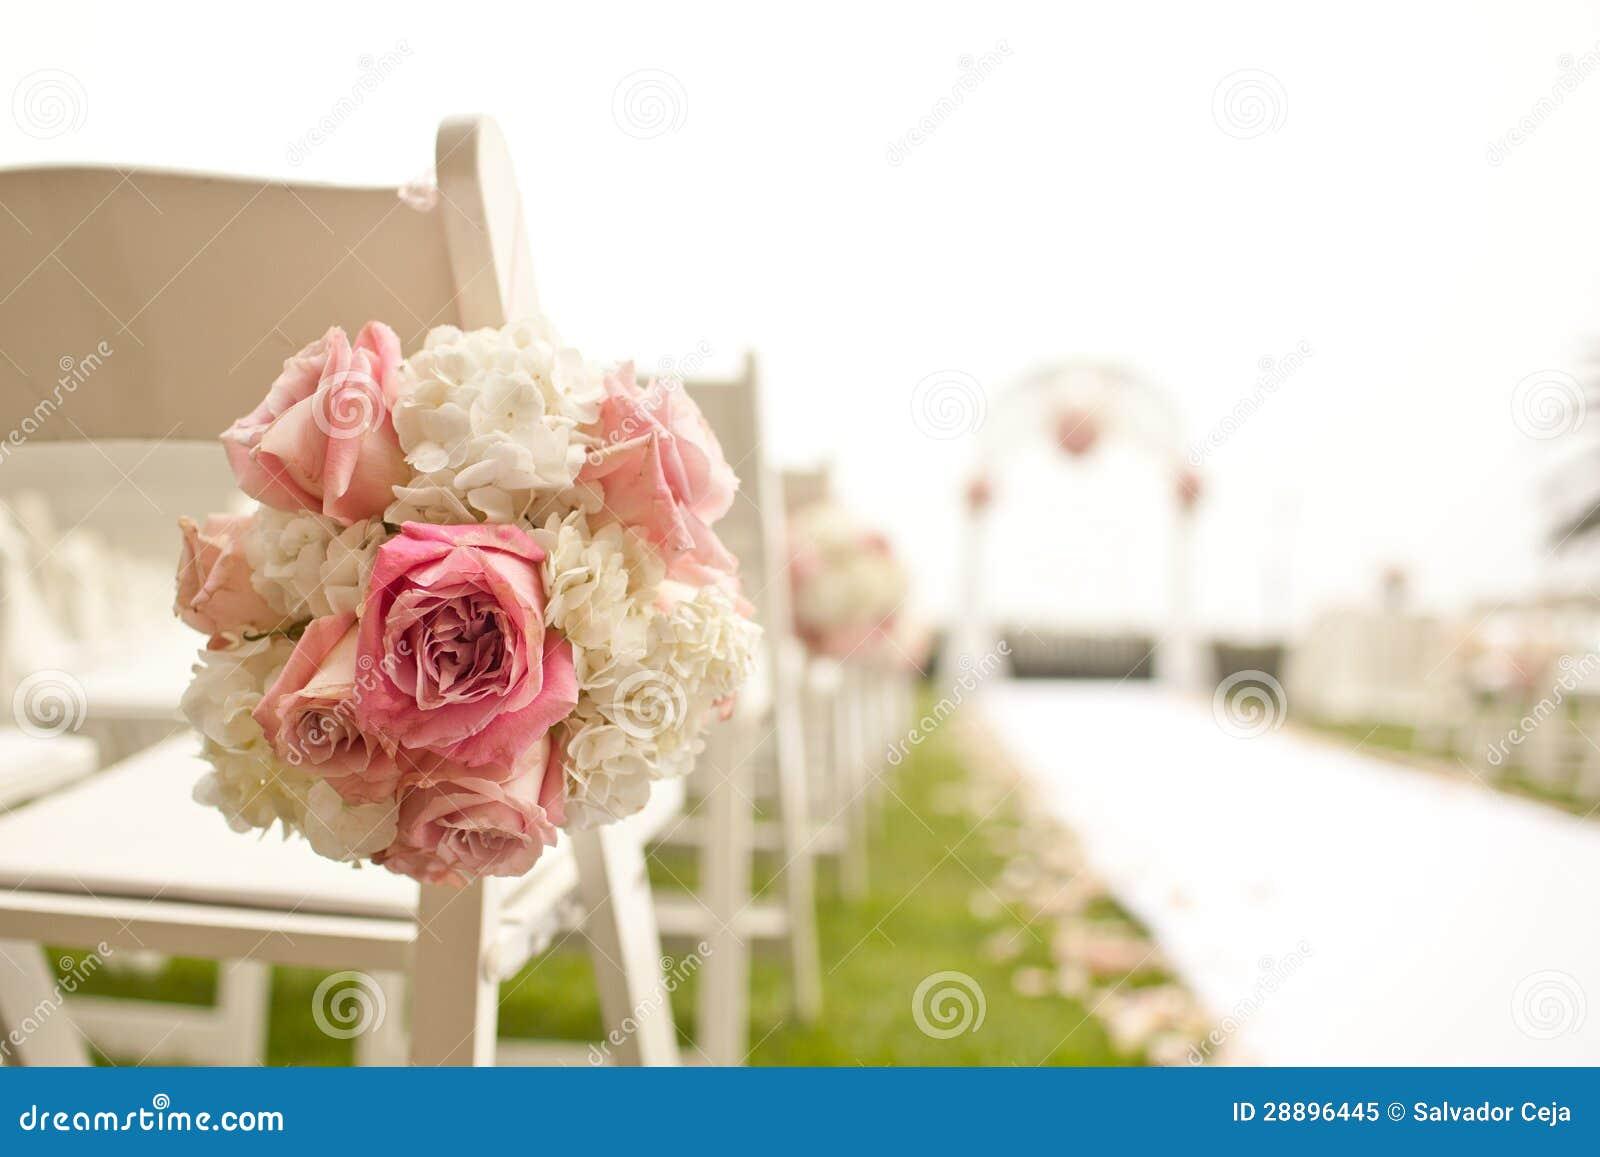 Ceremonia de boda en jardín